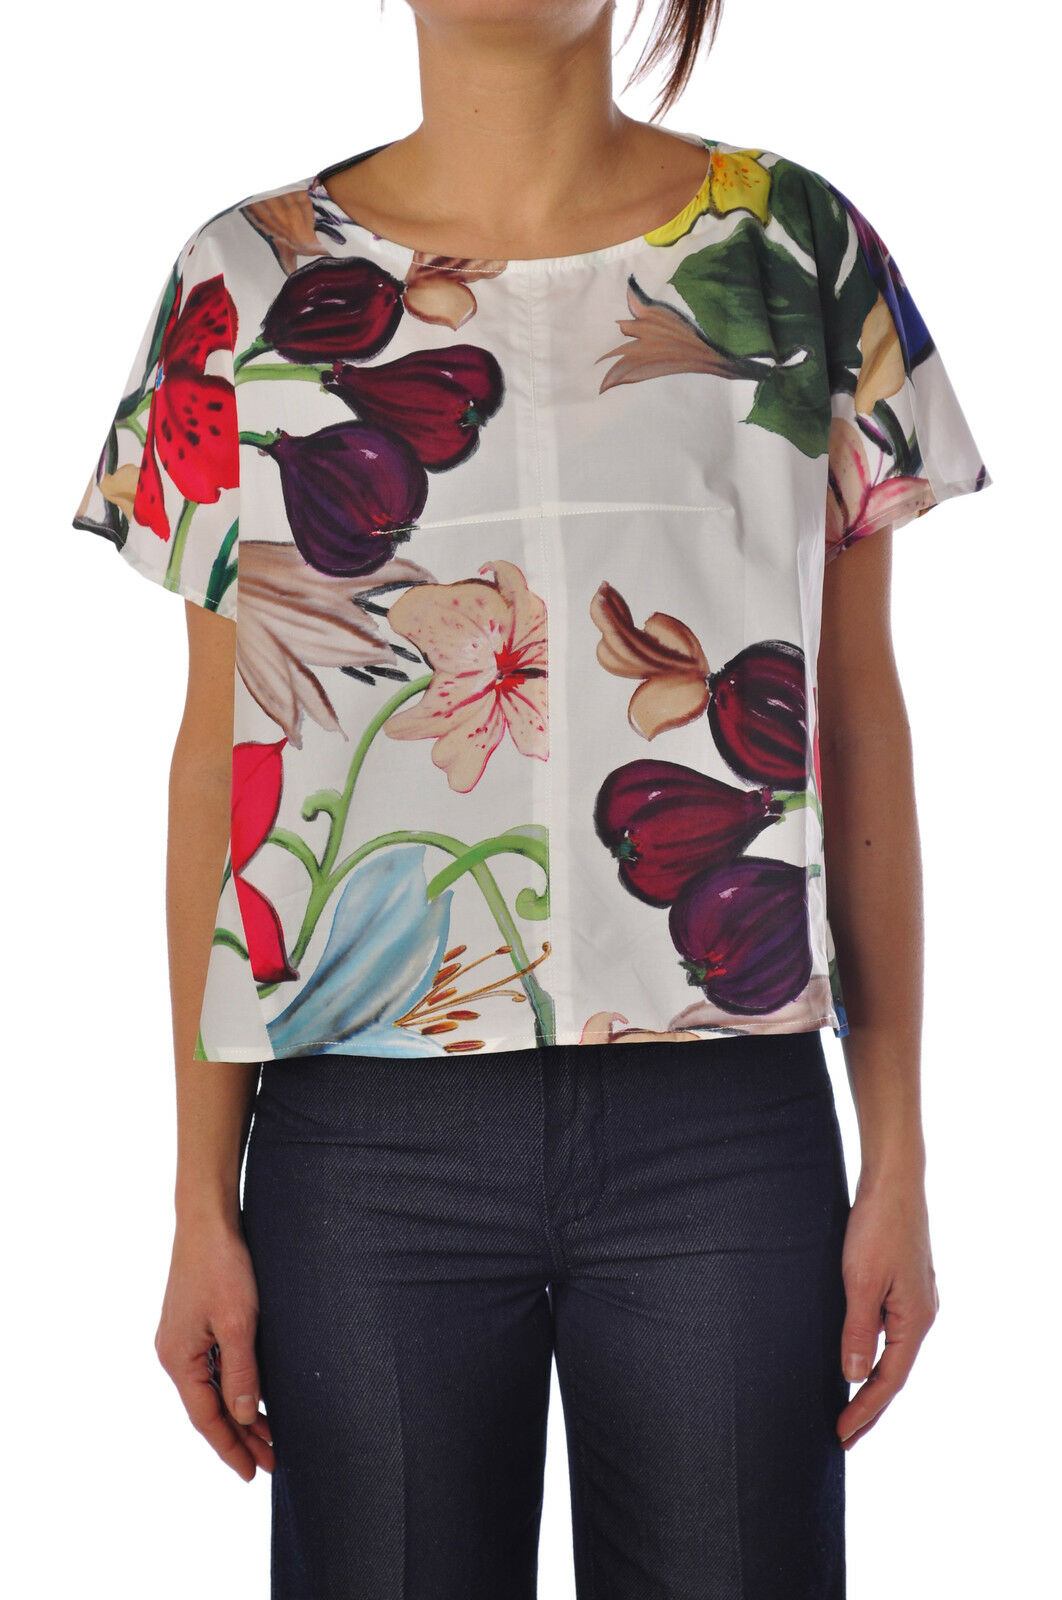 Dondup  -  Shirts - Female - 44 - Fantasy - 1303609B164908